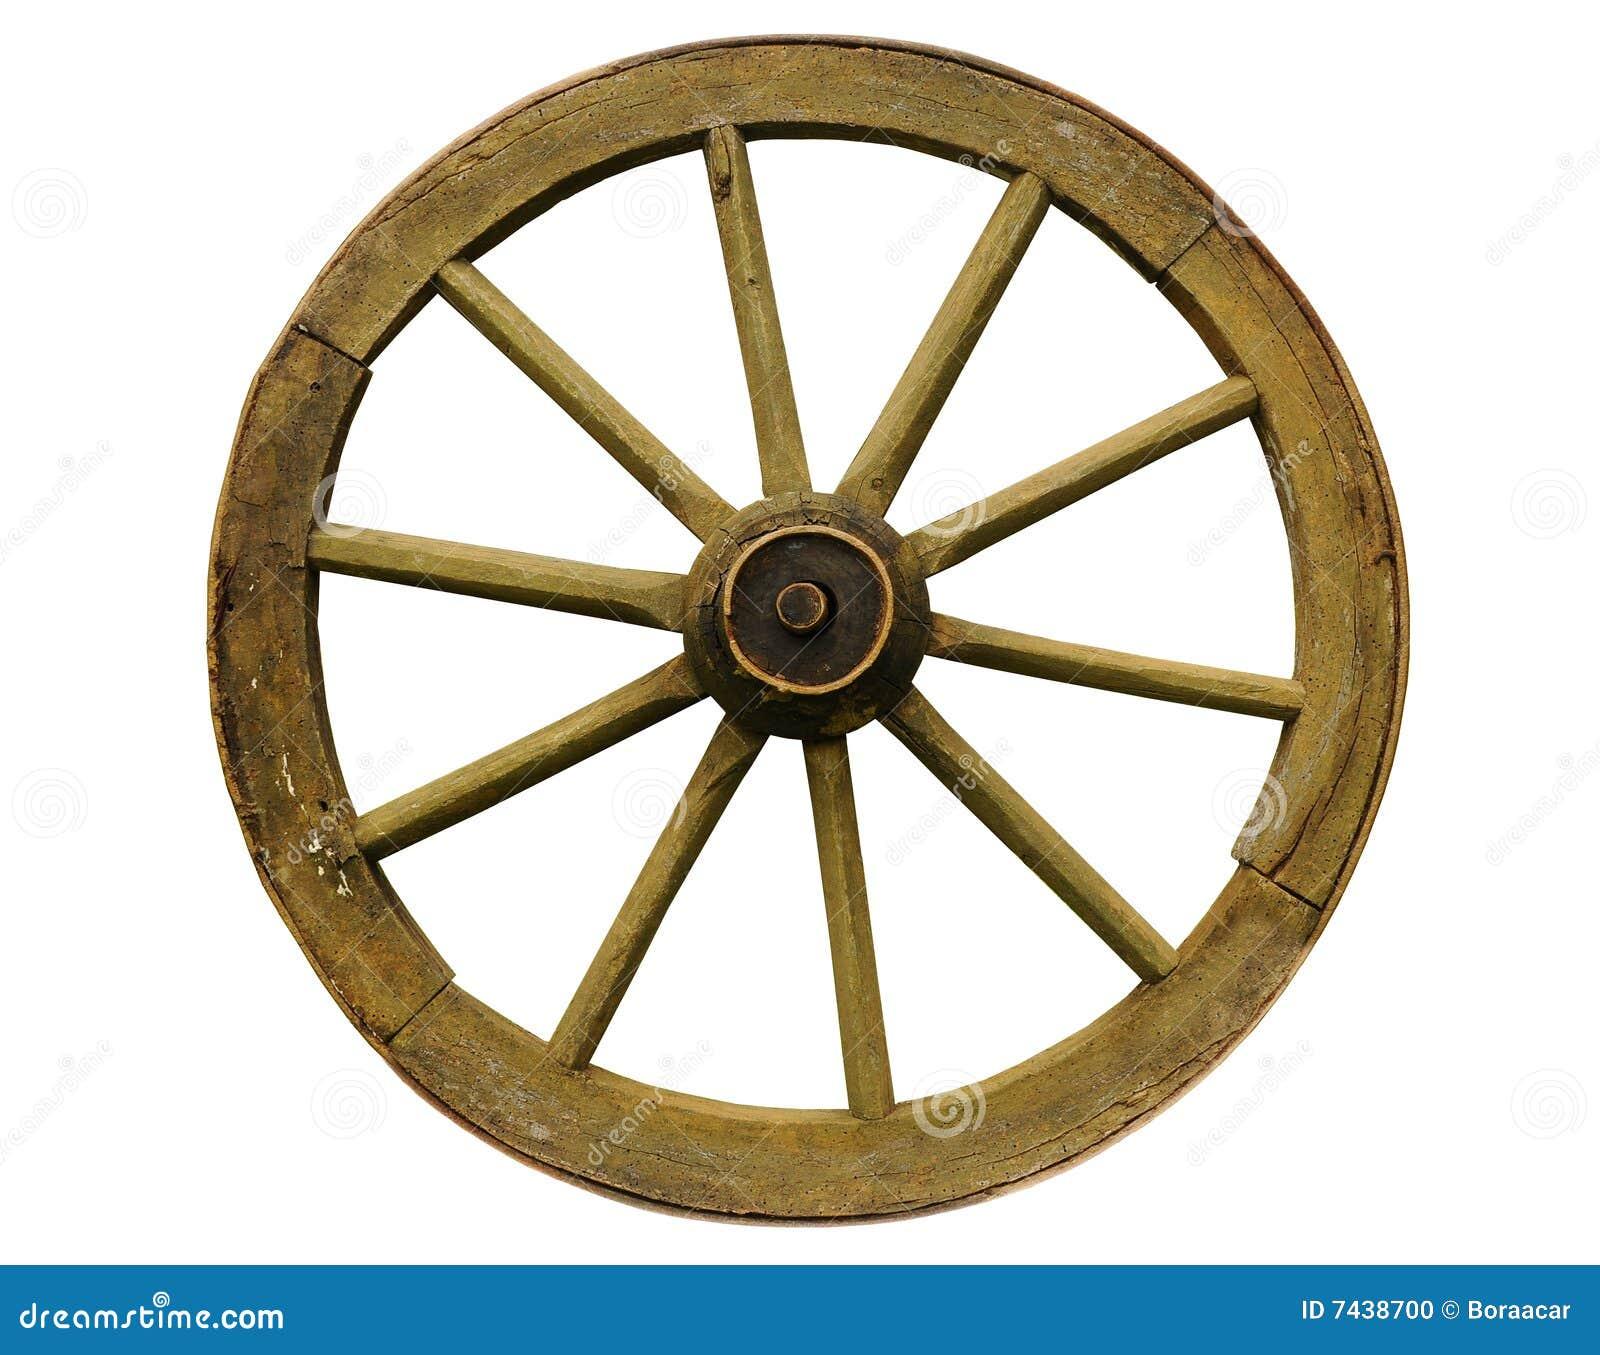 Afbeeldingsresultaat voor wiel